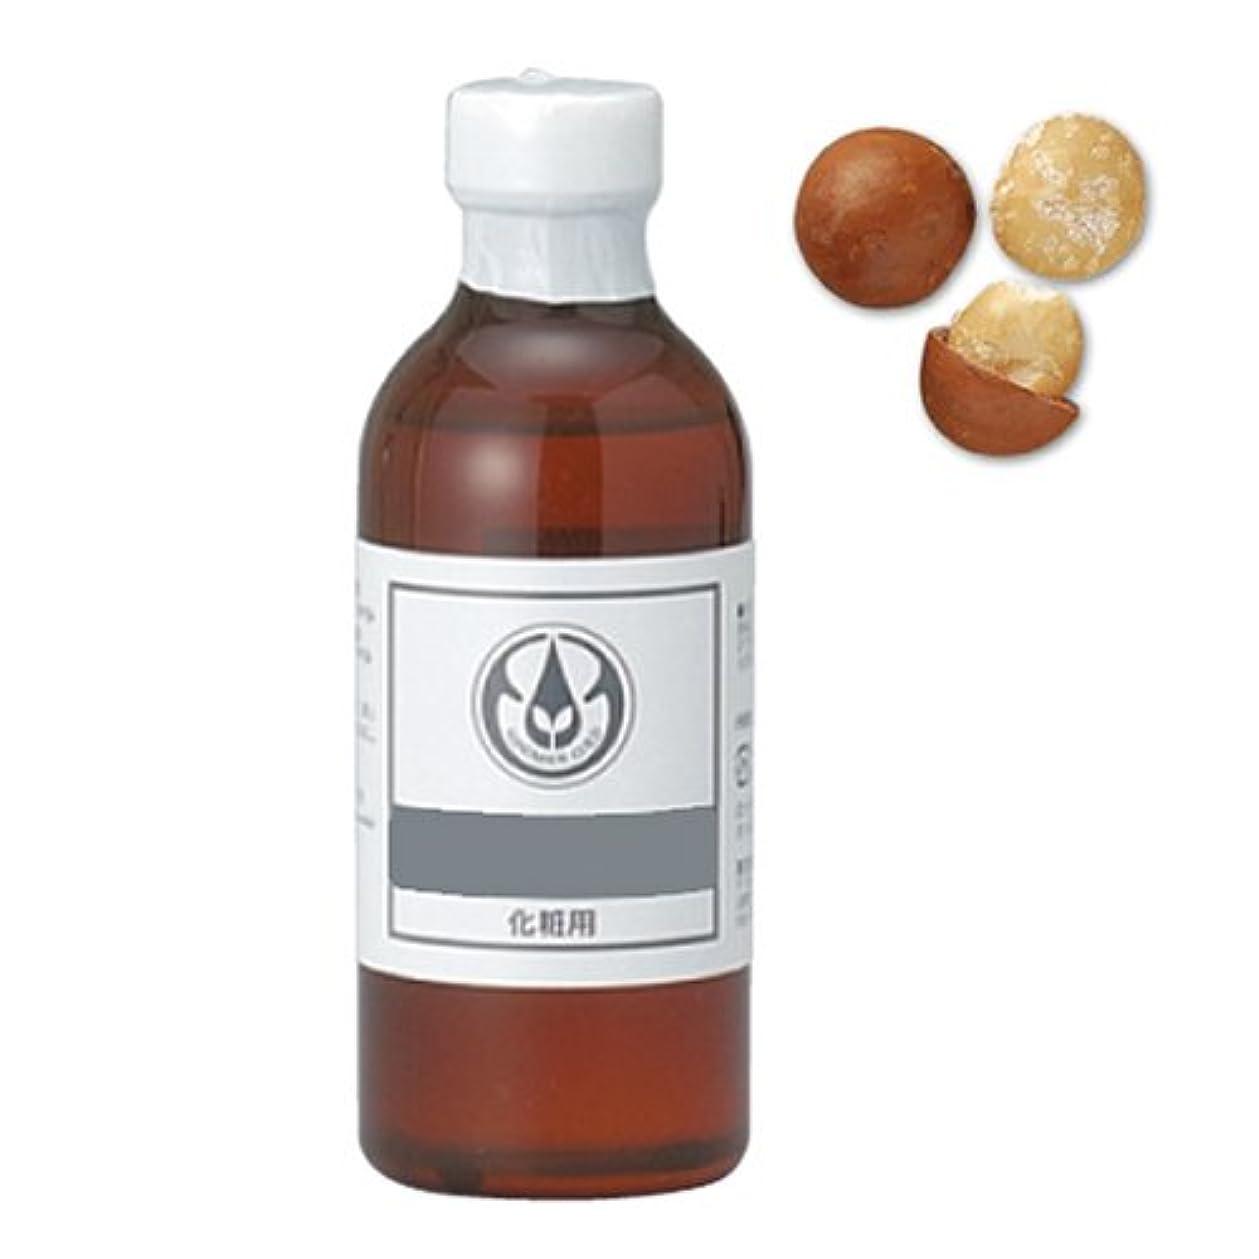 生活の木 マカダミア ナッツ油 250ml